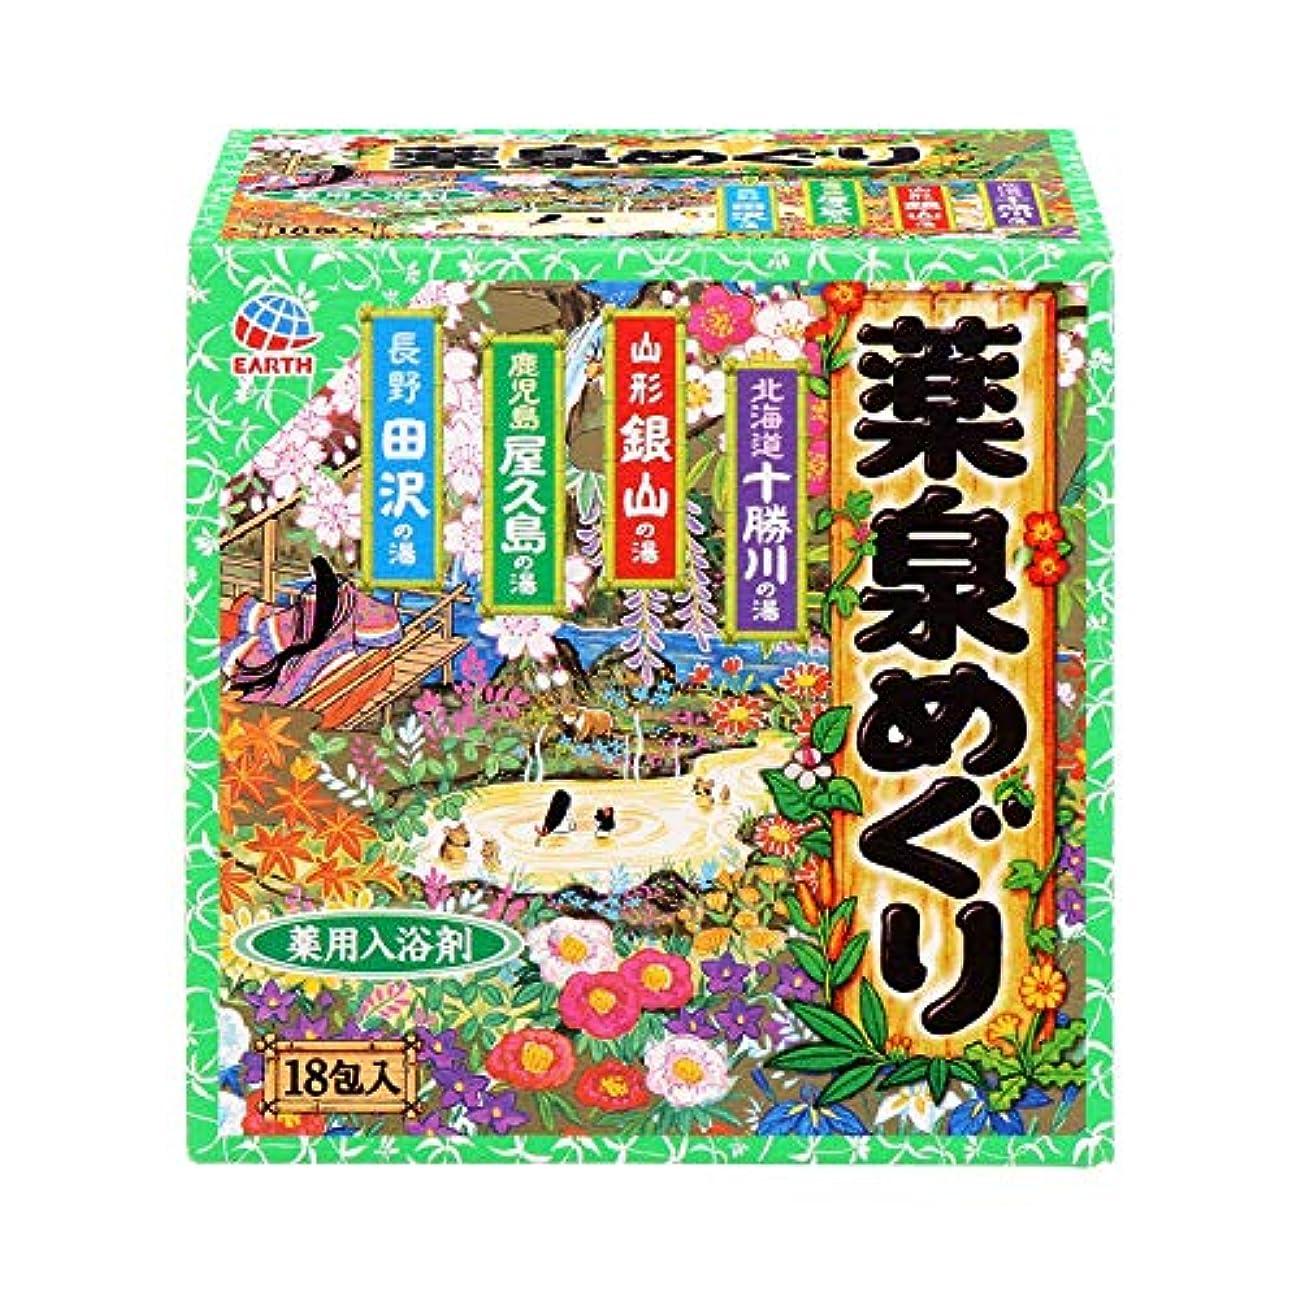 実用的晴れ周術期【アース製薬】薬泉めぐり 540g(30g*18包) ×5個セット